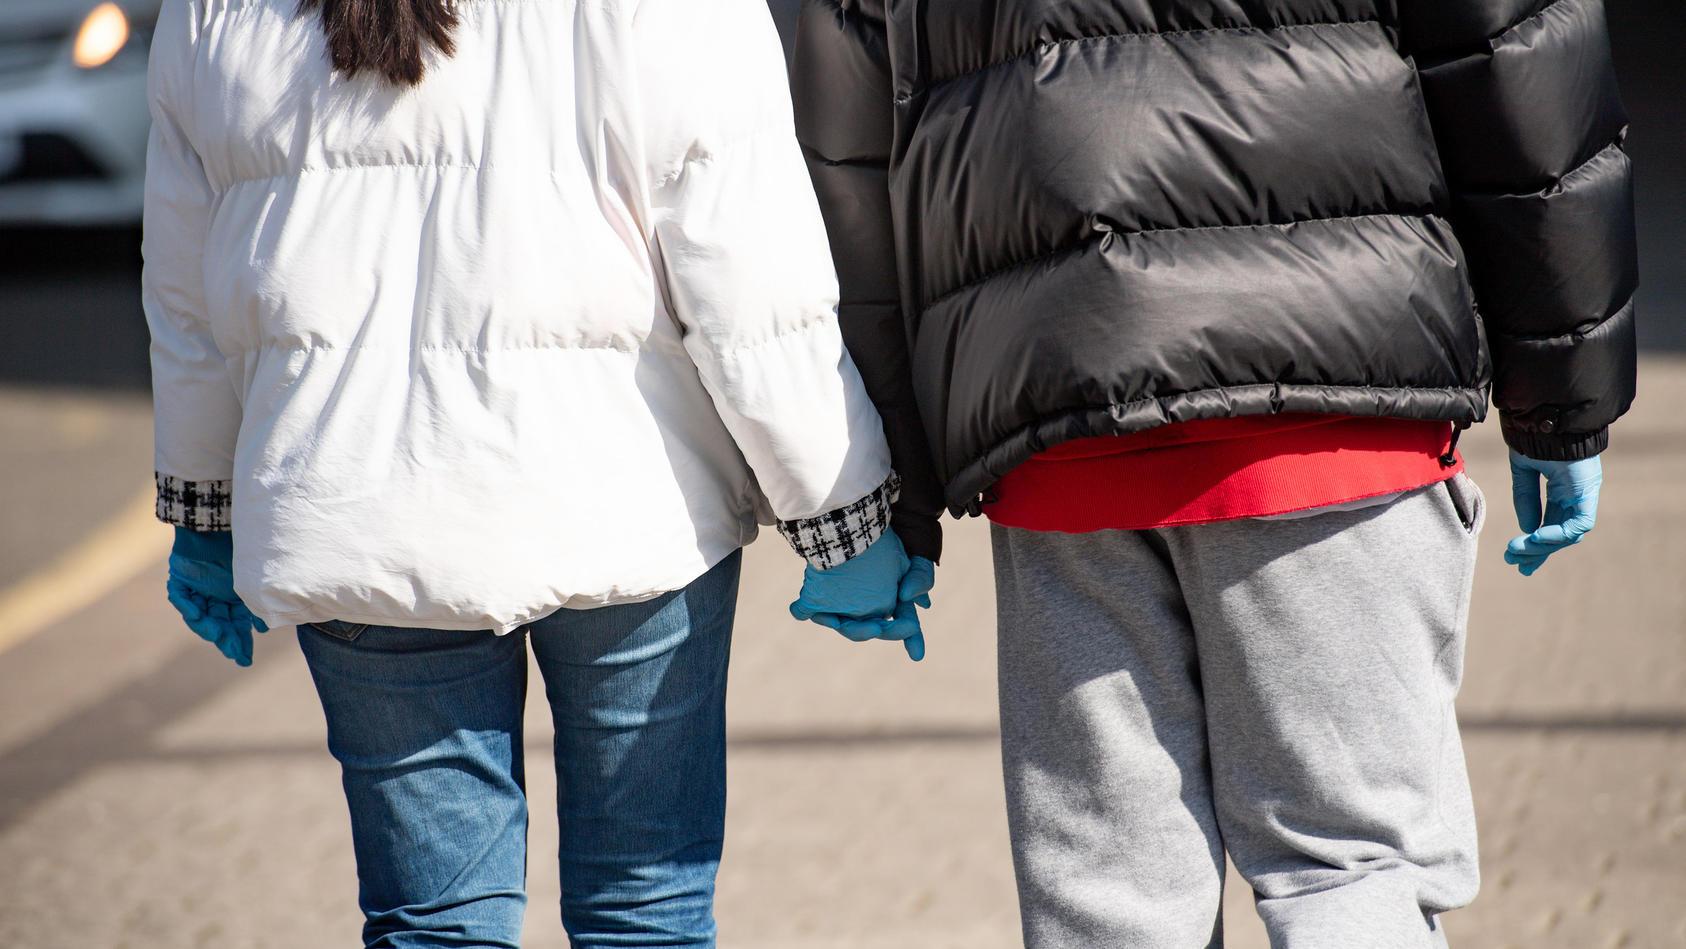 Großbritanniens Regierung hat Paare mit getrennten Haushalten aufgefordert, ihre Beziehung auf Belastbarkeit zu testen.